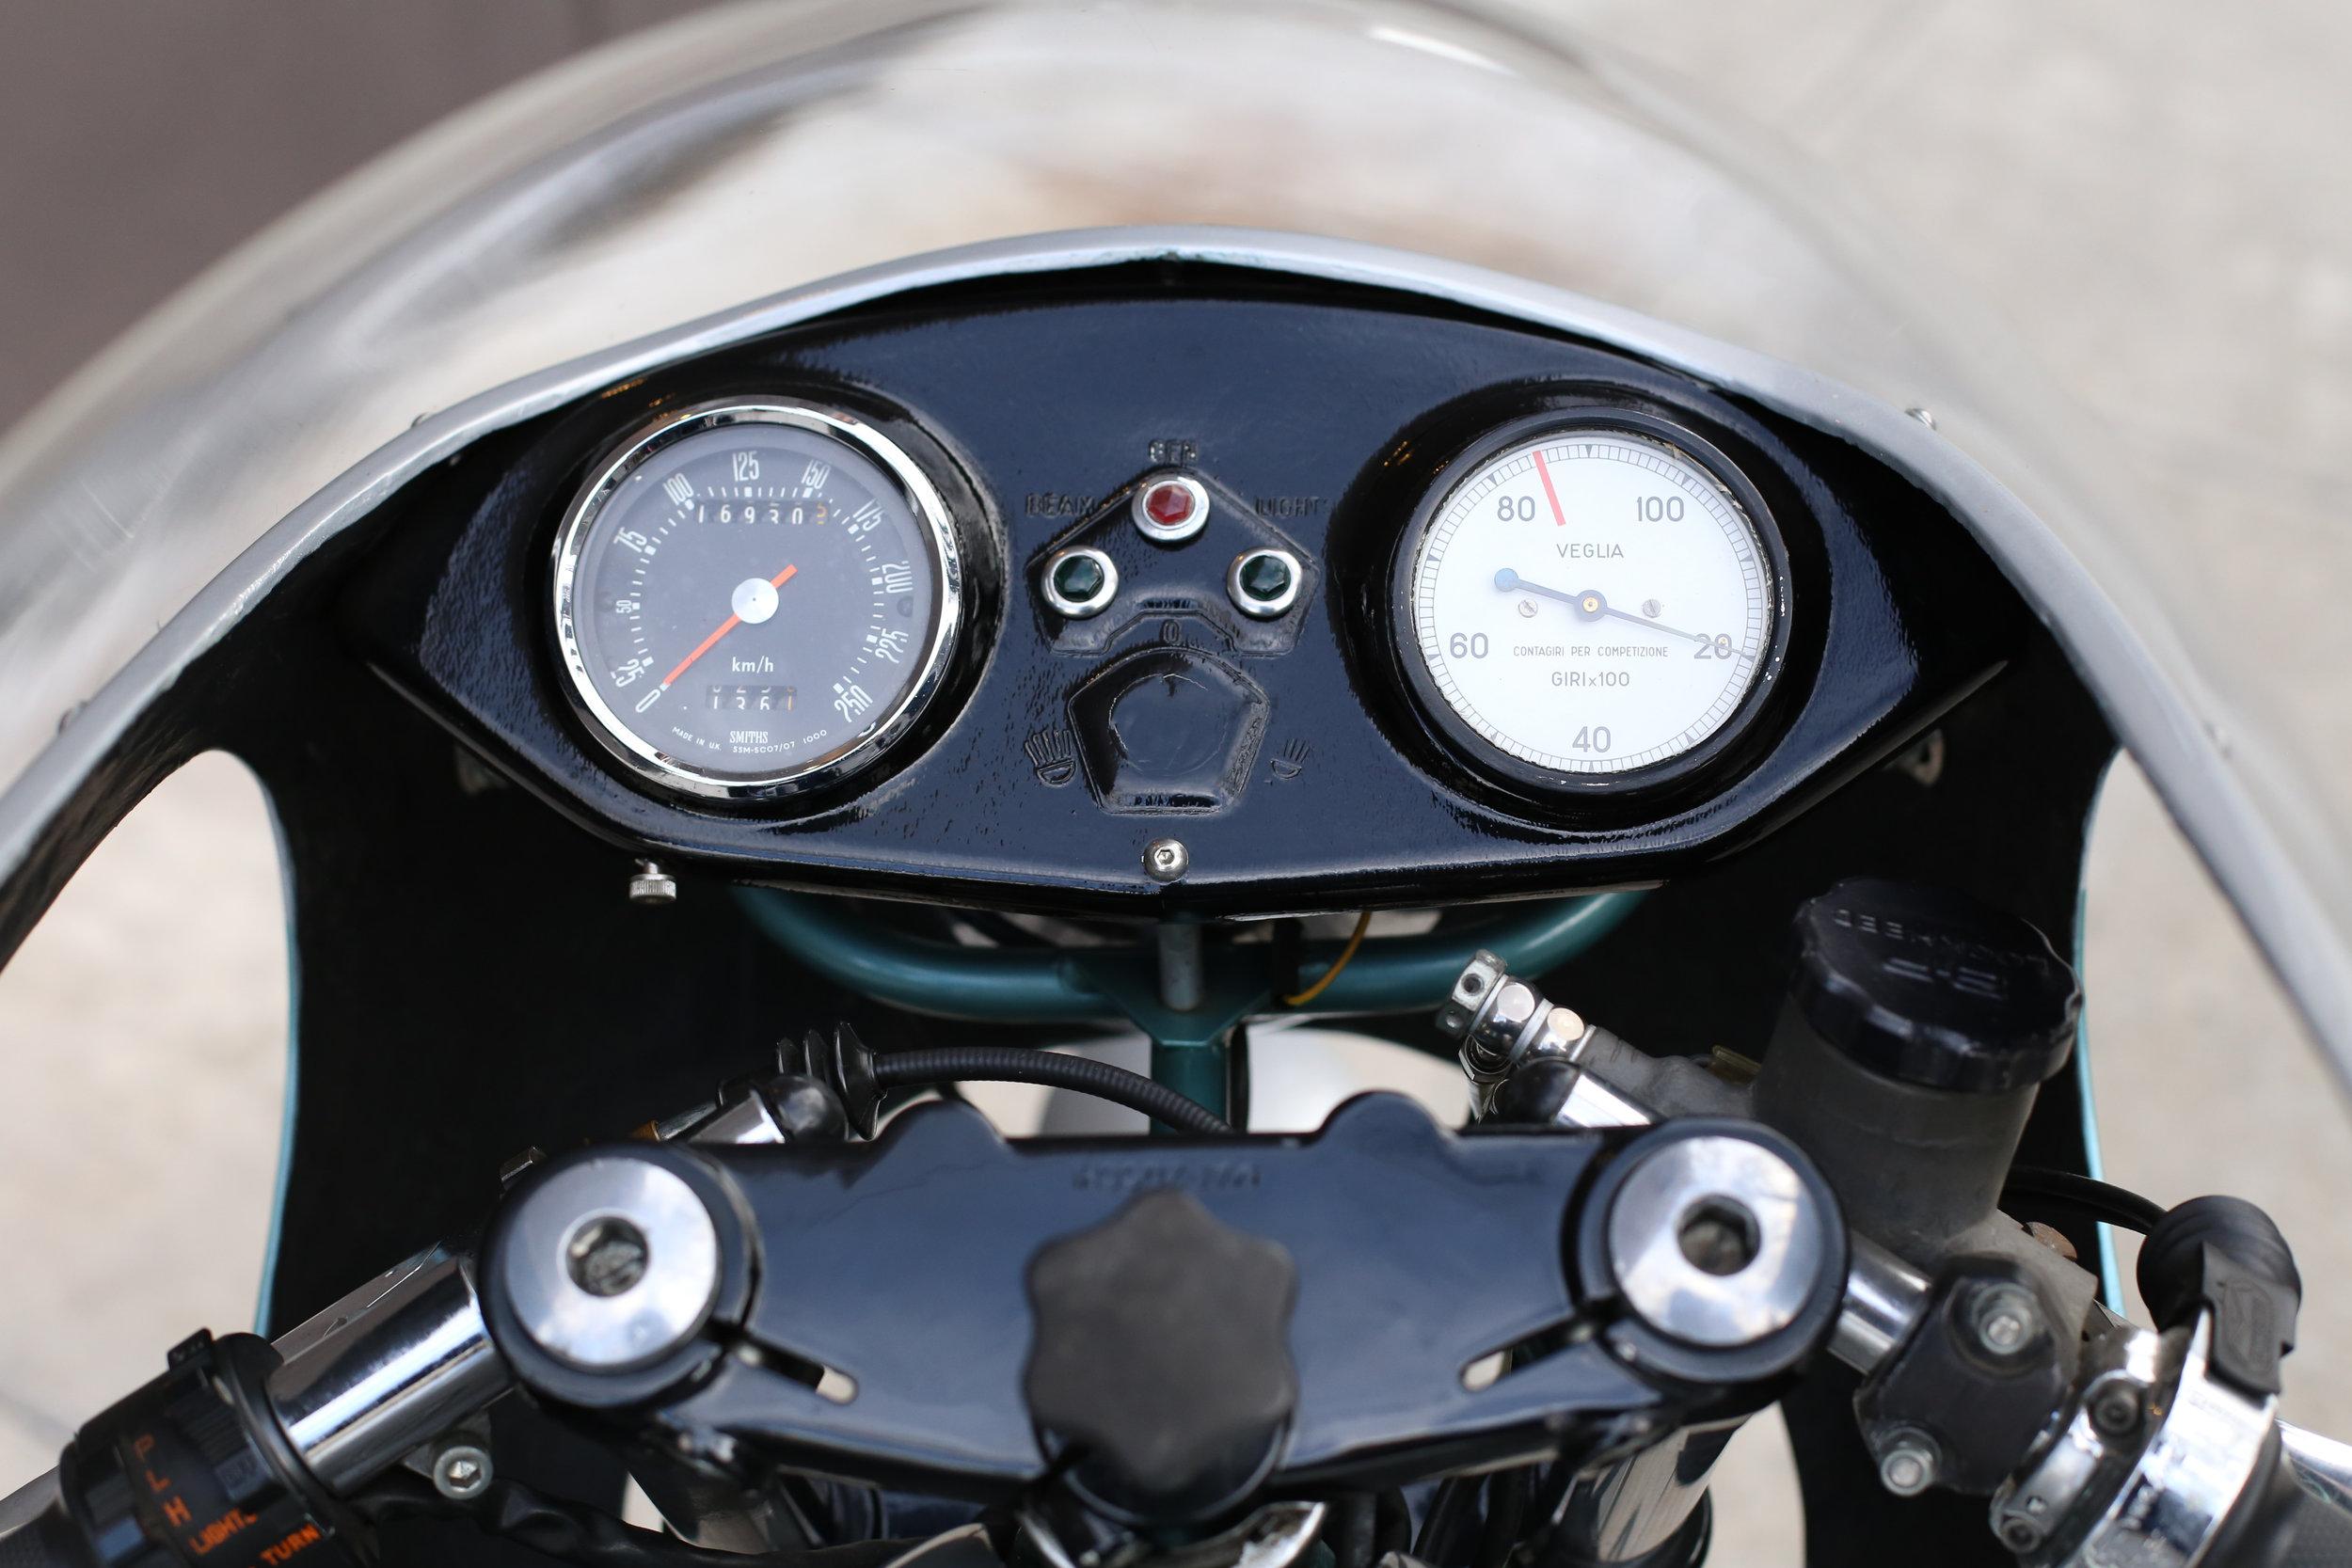 1974 Ducati 750SS green frame moto borgotaro dash